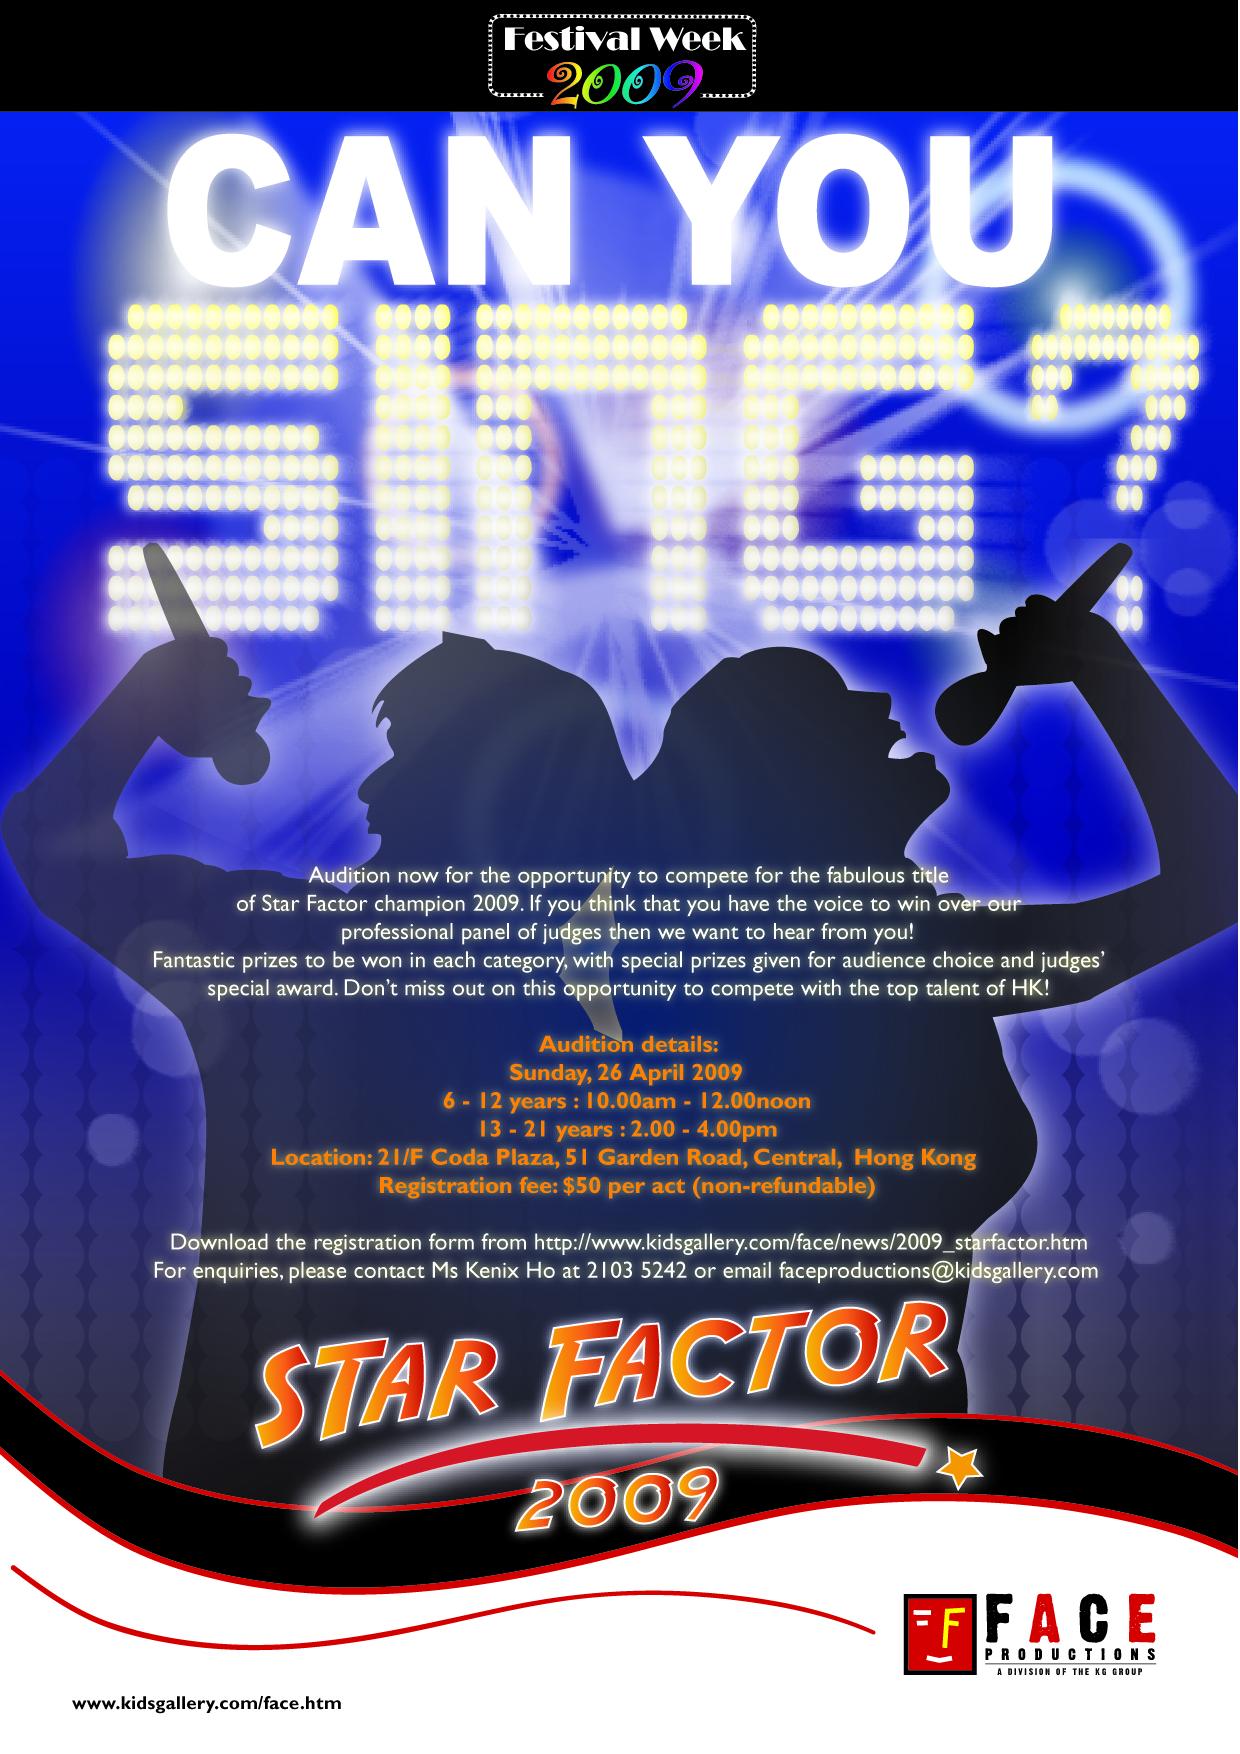 star factor 2009.jpg